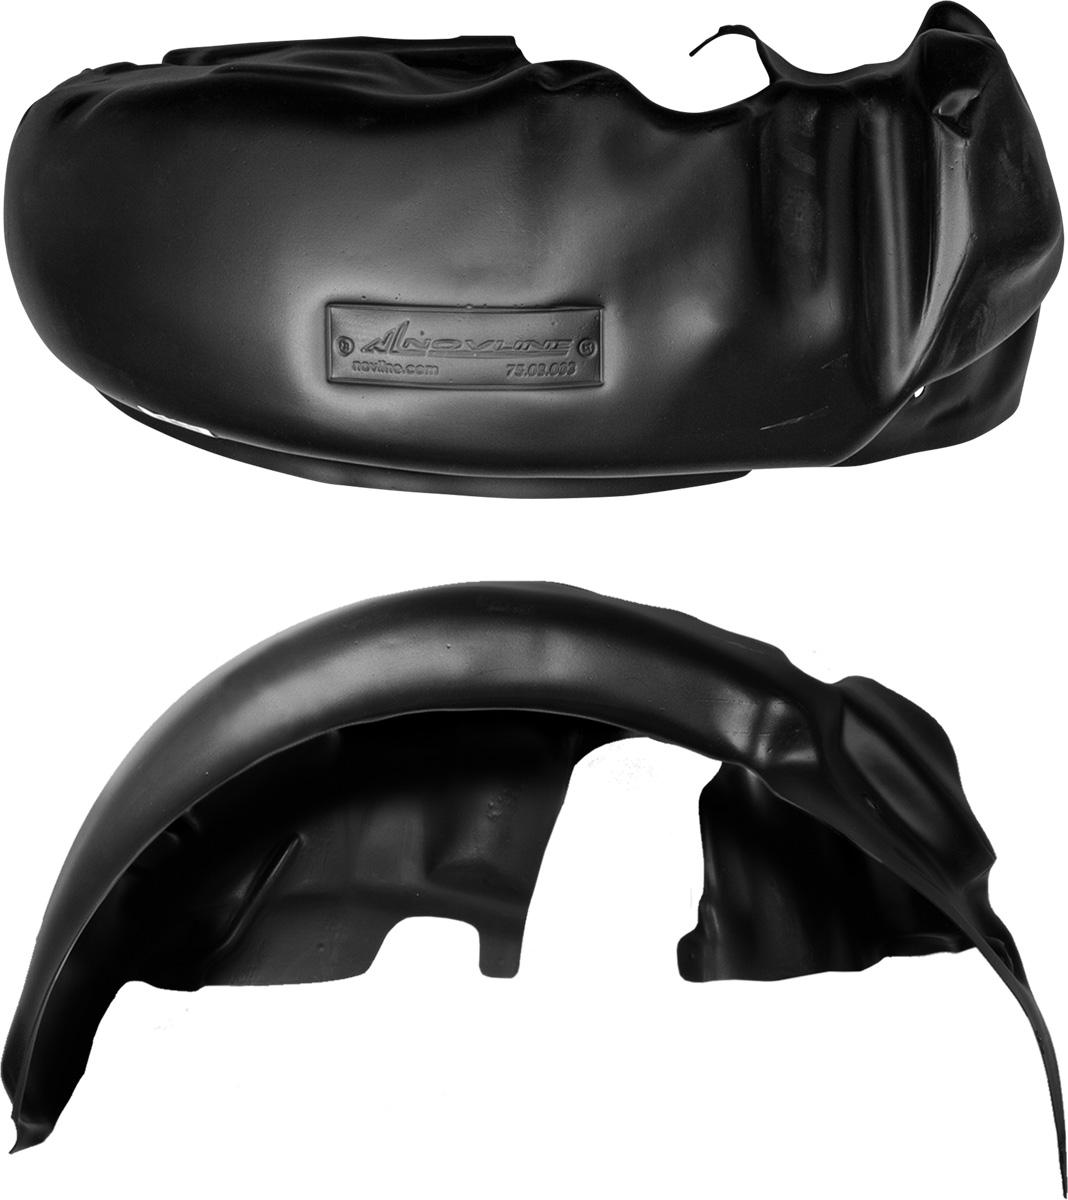 Подкрылок Novline-Autofamily, для FORD Kuga, 2013-, задний правыйDAVC150Колесные ниши - одни из самых уязвимых зон днища вашего автомобиля. Они постоянно подвергаются воздействию со стороны дороги. Лучшая, почти абсолютная защита для них - специально отформованные пластиковые кожухи, которые называются подкрылками. Производятся они как для отечественных моделей автомобилей, так и для иномарок. Подкрылки Novline-Autofamily выполнены из высококачественного, экологически чистого пластика. Обеспечивают надежную защиту кузова автомобиля от пескоструйного эффекта и негативного влияния, агрессивных антигололедных реагентов. Пластик обладает более низкой теплопроводностью, чем металл, поэтому в зимний период эксплуатации использование пластиковых подкрылков позволяет лучше защитить колесные ниши от налипания снега и образования наледи. Оригинальность конструкции подчеркивает элегантность автомобиля, бережно защищает нанесенное на днище кузова антикоррозийное покрытие и позволяет осуществить крепление подкрылков внутри колесной арки практически без дополнительного крепежа и сверления, не нарушая при этом лакокрасочного покрытия, что предотвращает возникновение новых очагов коррозии. Подкрылки долговечны, обладают высокой прочностью и сохраняют заданную форму, а также все свои физико-механические характеристики в самых тяжелых климатических условиях (от -50°С до +50°С).Уважаемые клиенты!Обращаем ваше внимание, на тот факт, что подкрылок имеет форму, соответствующую модели данного автомобиля. Фото служит для визуального восприятия товара.